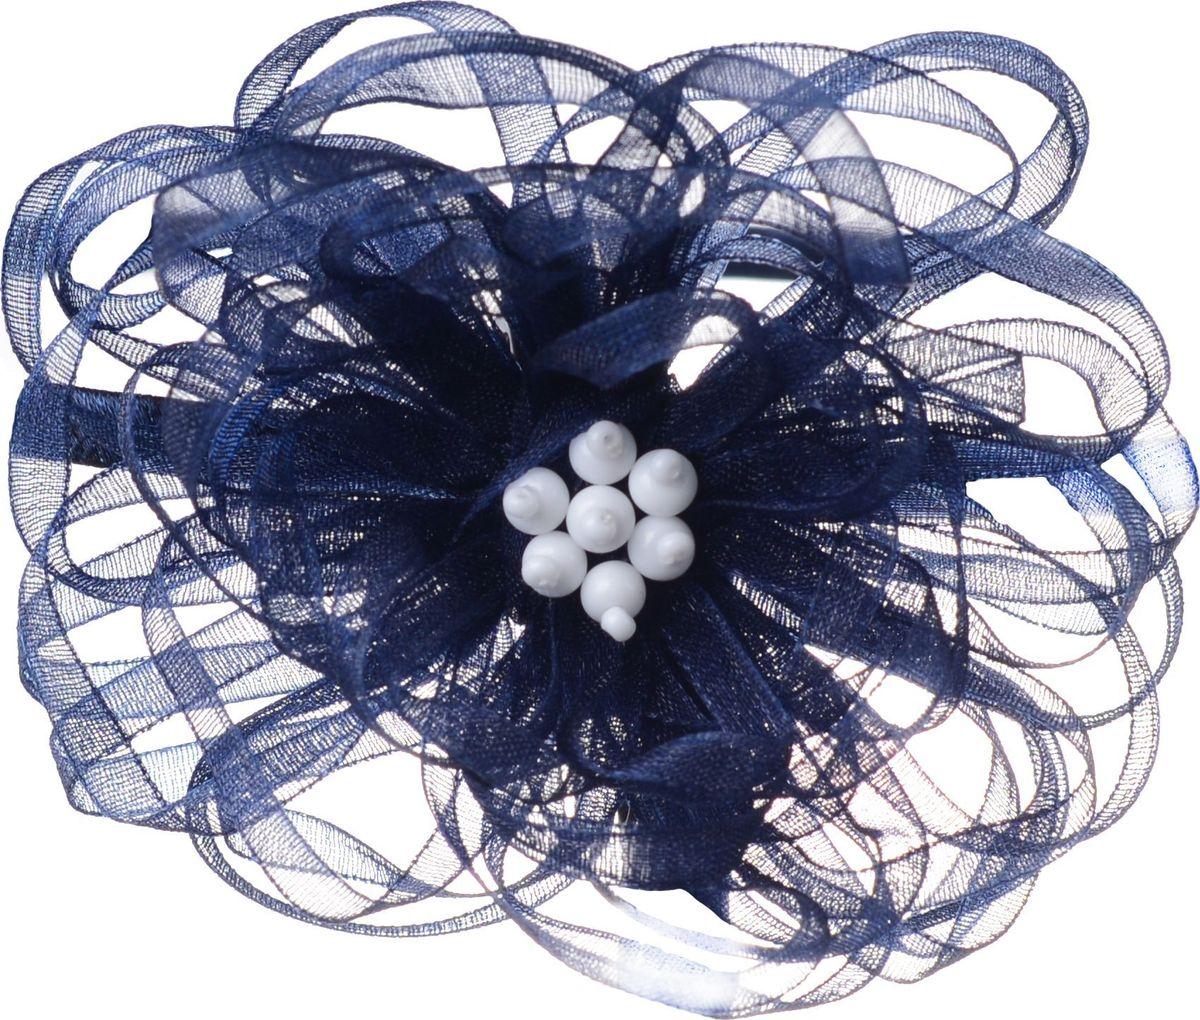 Резинка для волос Malina By Андерсен Ариста, цвет: синий. 21710рб4221710рб42Резинка для волос поможет подчеркнуть вашу индивидуальность и стиль. С помощью резинки вы сможете уложить волосы в элегантную прическу.